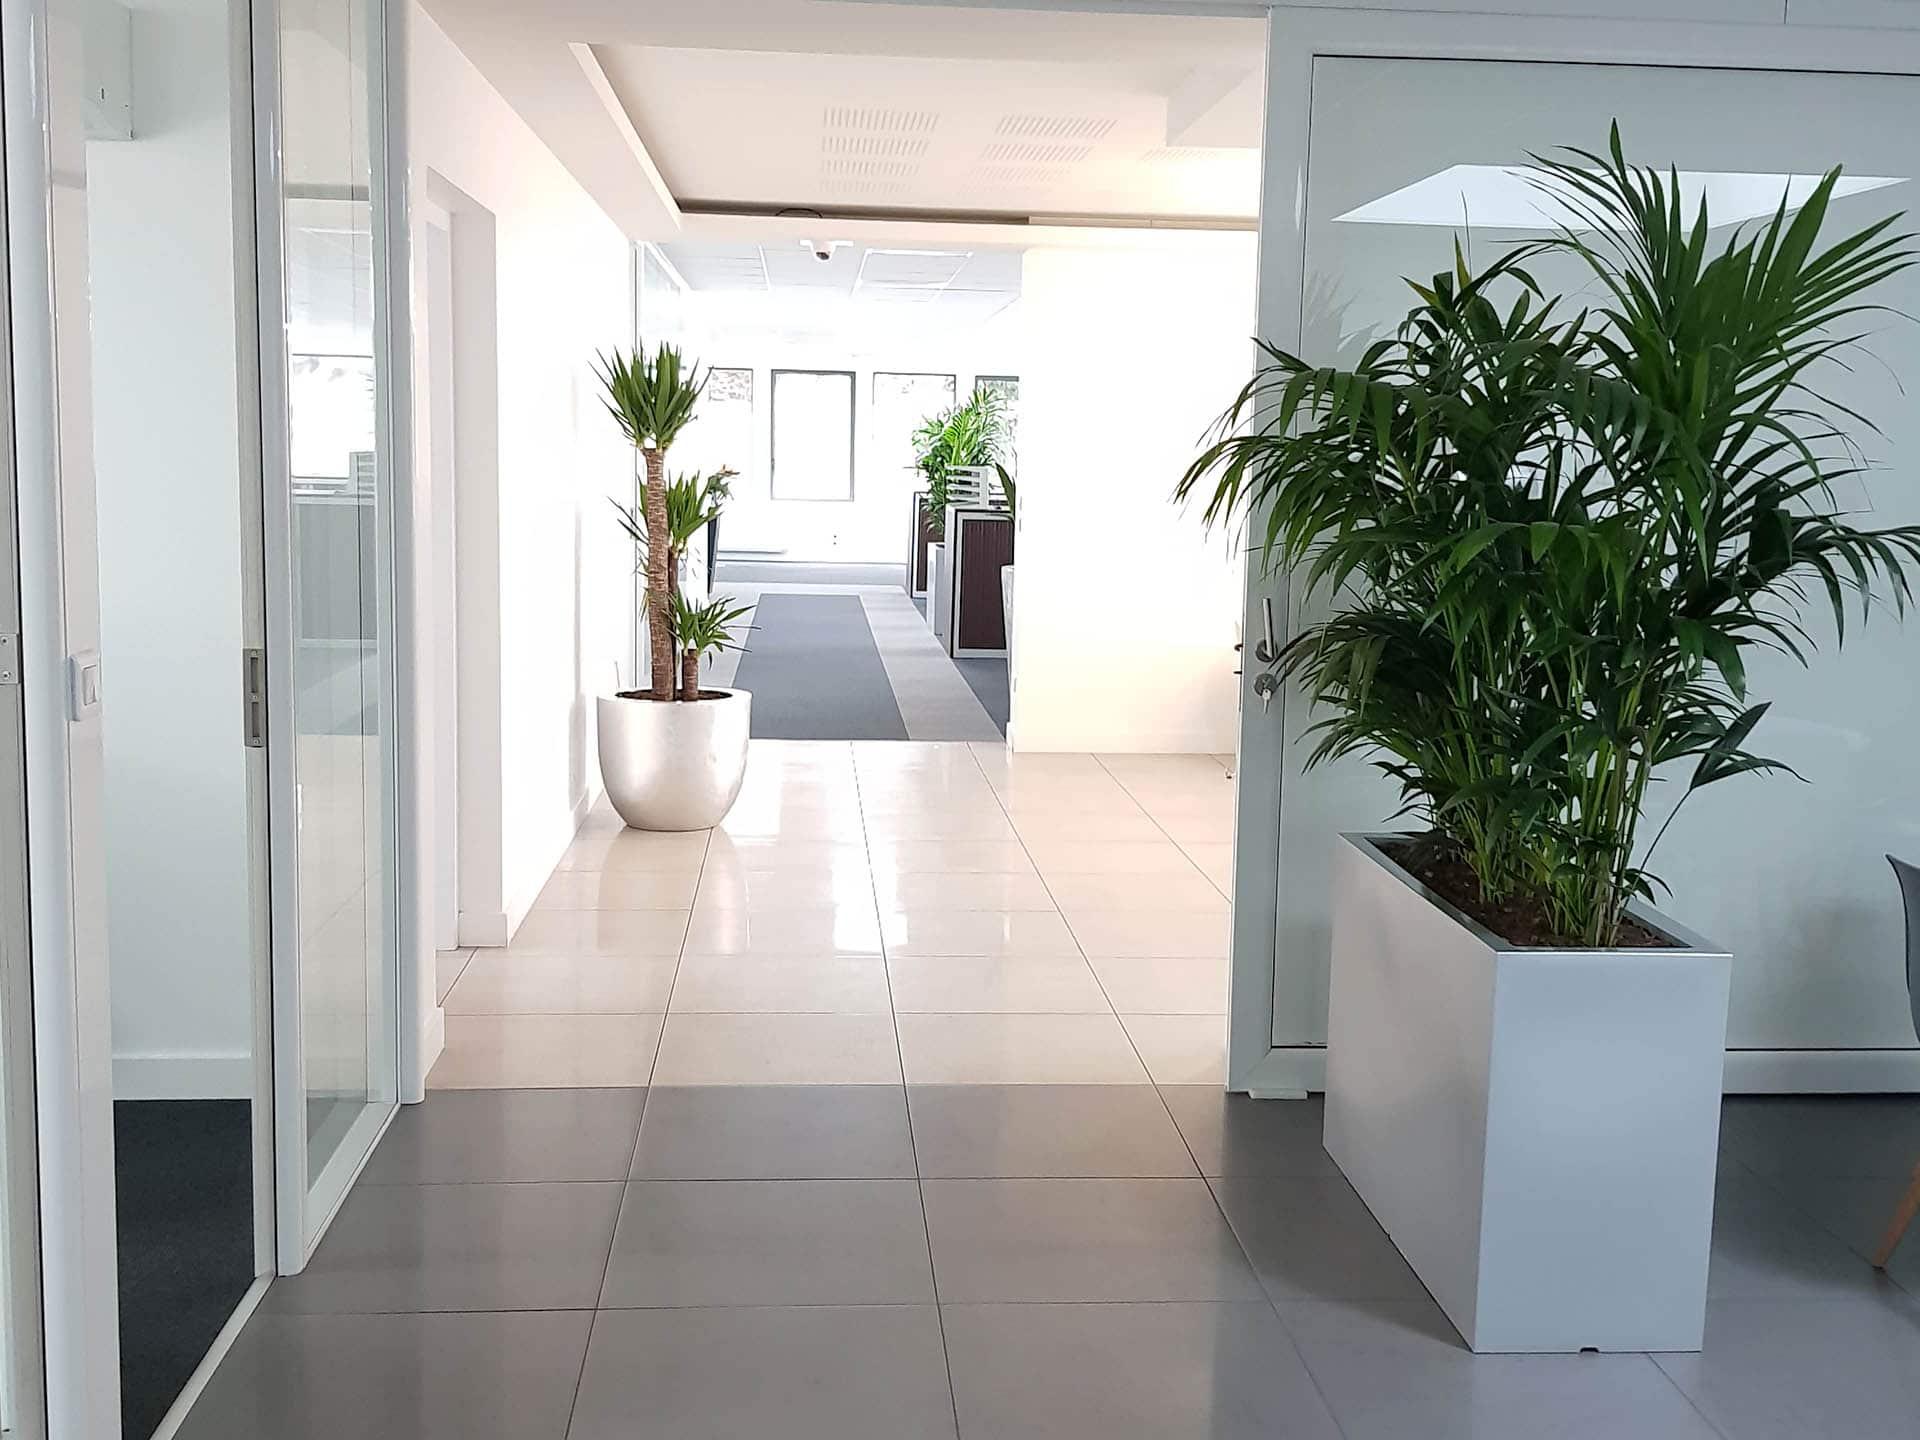 Prestations de nettoyage professionnel pour entreprises simeli